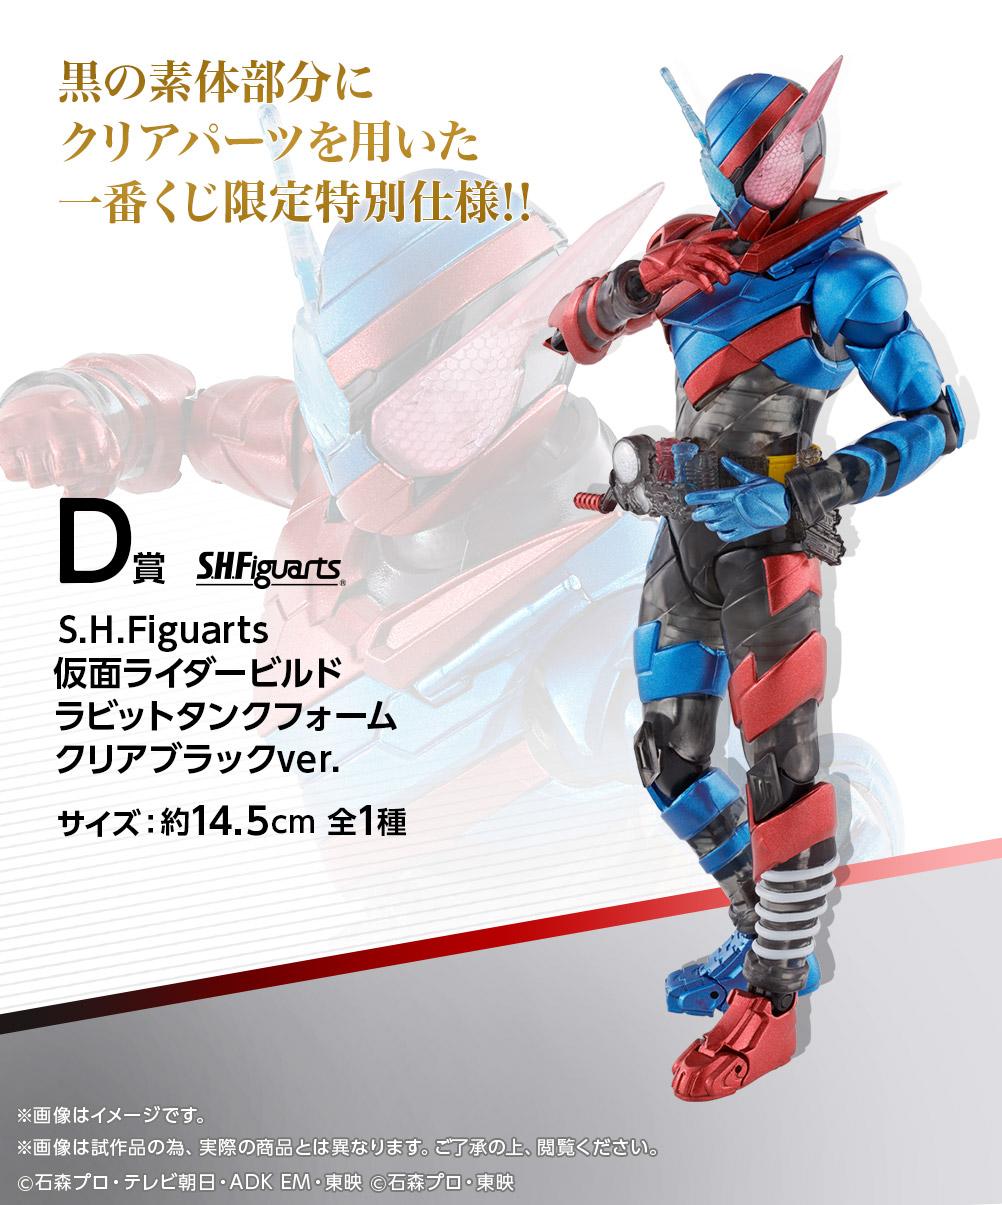 D賞 S.H.Figuarts 仮面ライダービルド ラビットタンクフォーム クリアブラックver.